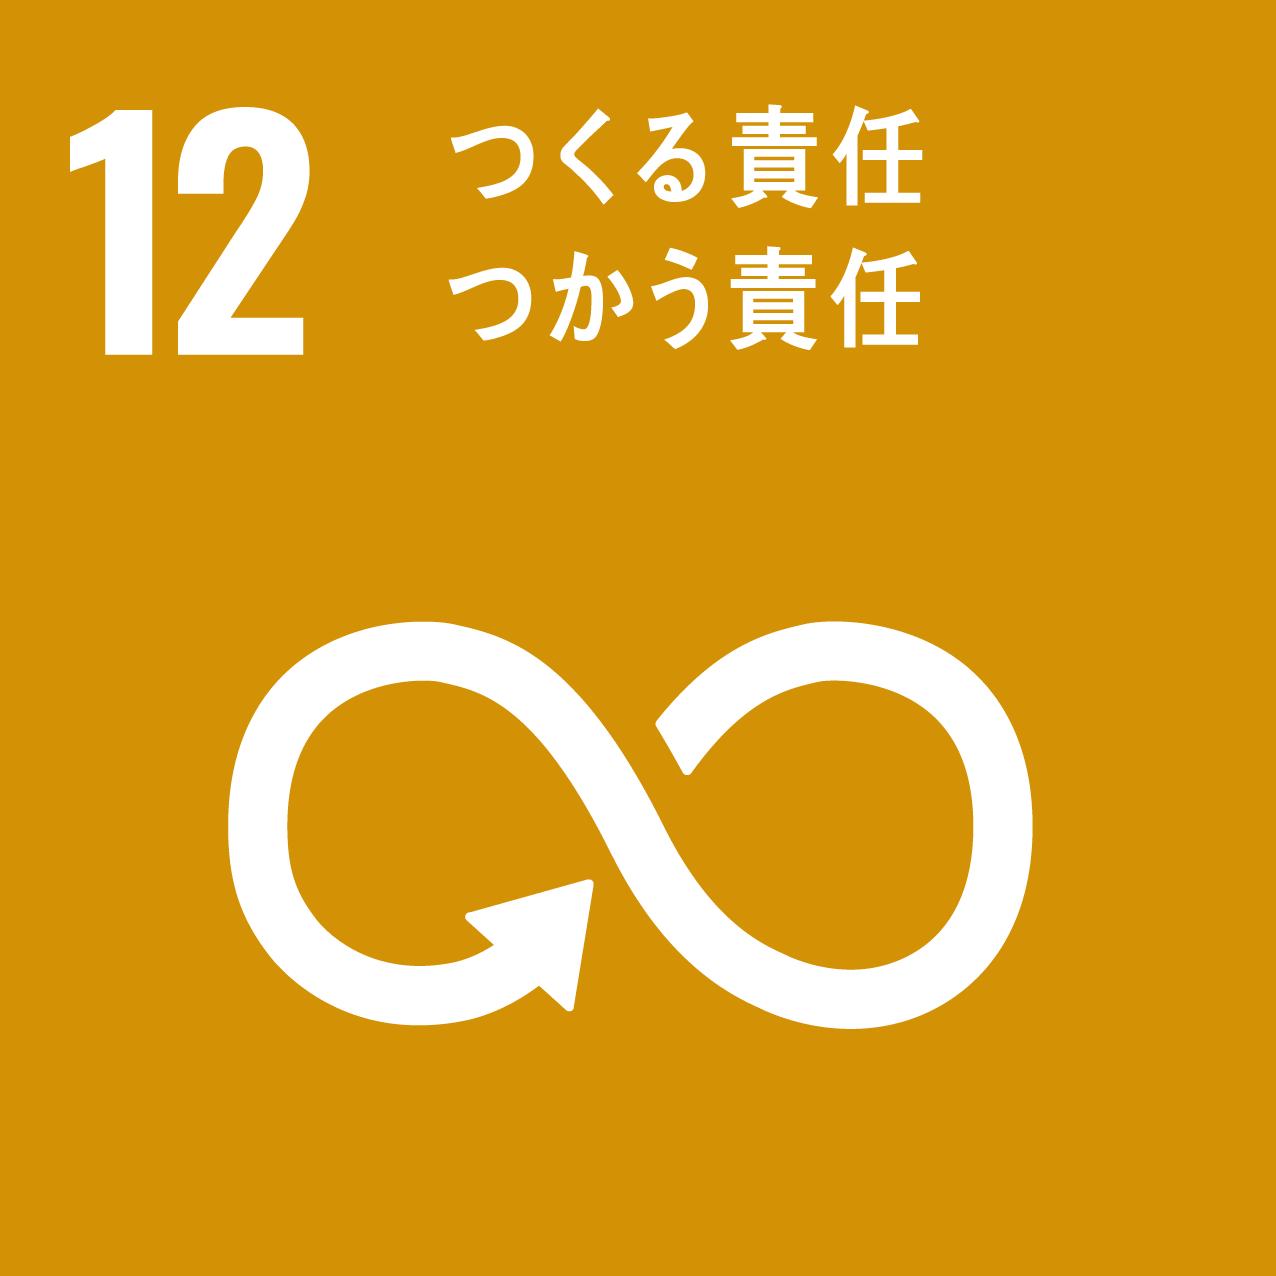 SDGs目標アイコン 12.つくる責任つかう責任